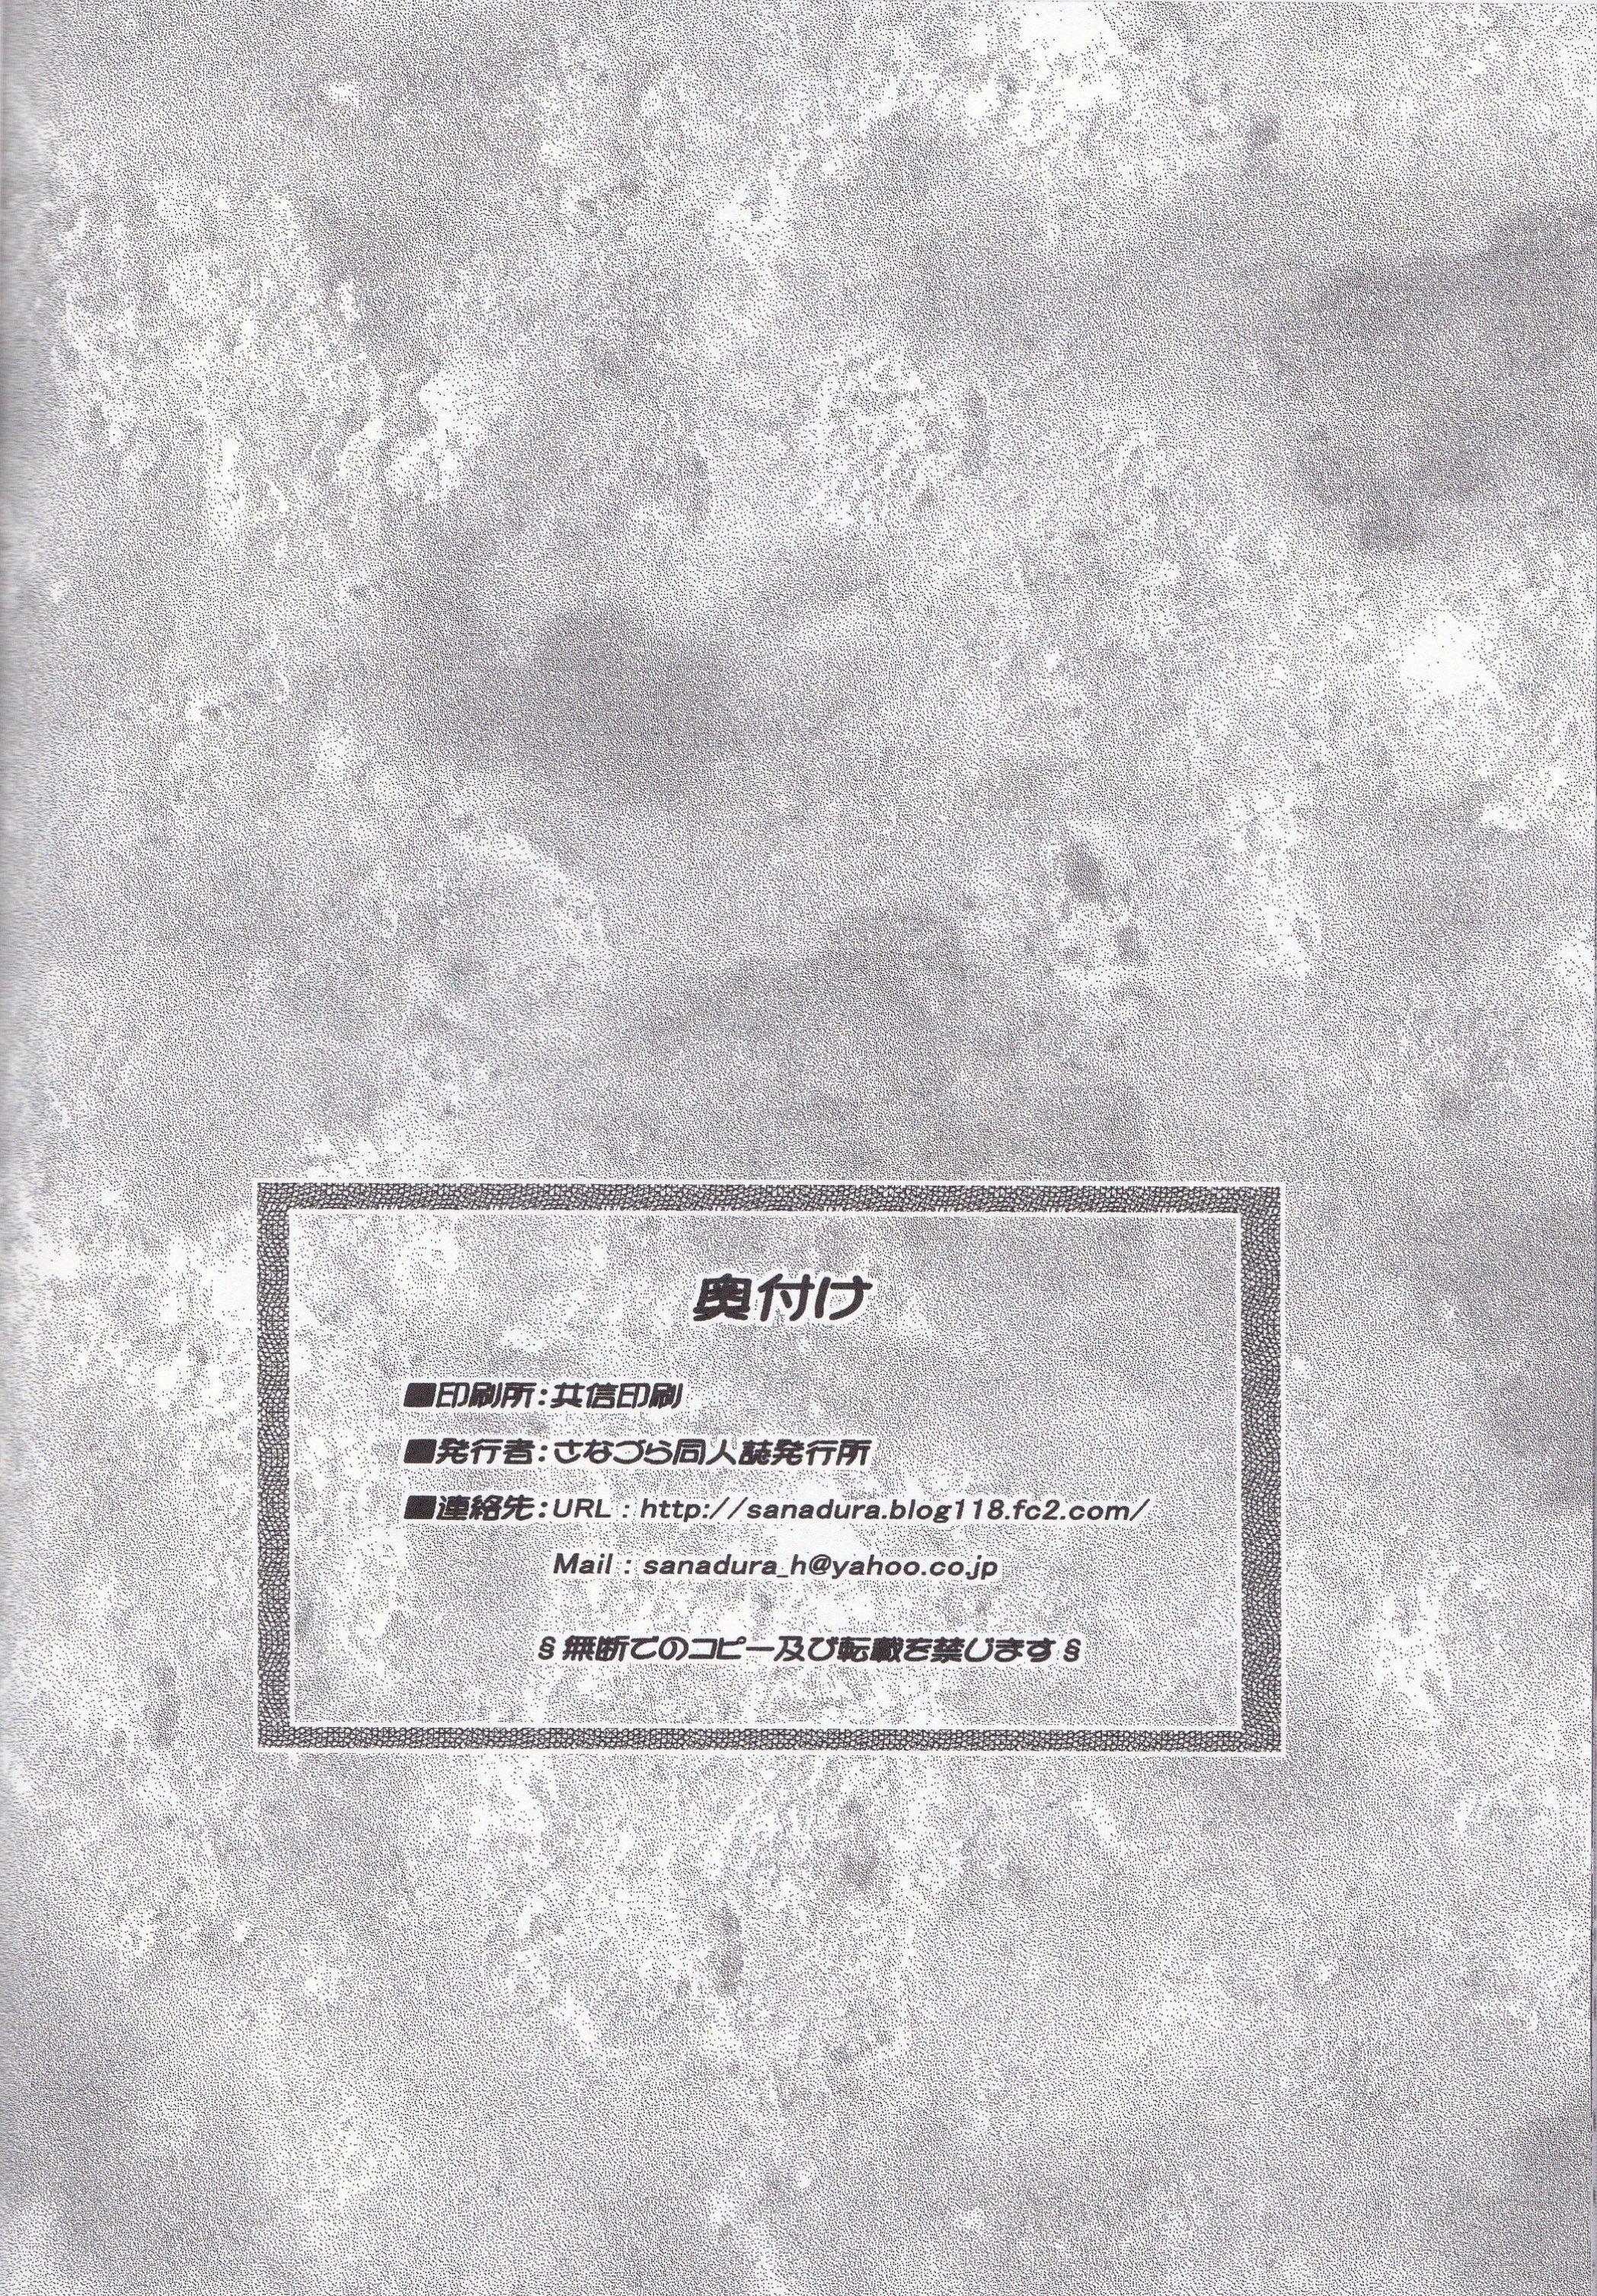 (C89) [Sanazura Doujinshi Hakkoujo (Sanazura Hiroyuki)] Kinjo no Eroi Onee-san Mutsu-chan to Teitoku-kun Merry Xmas (Kantai Collection -KanColle-) 23